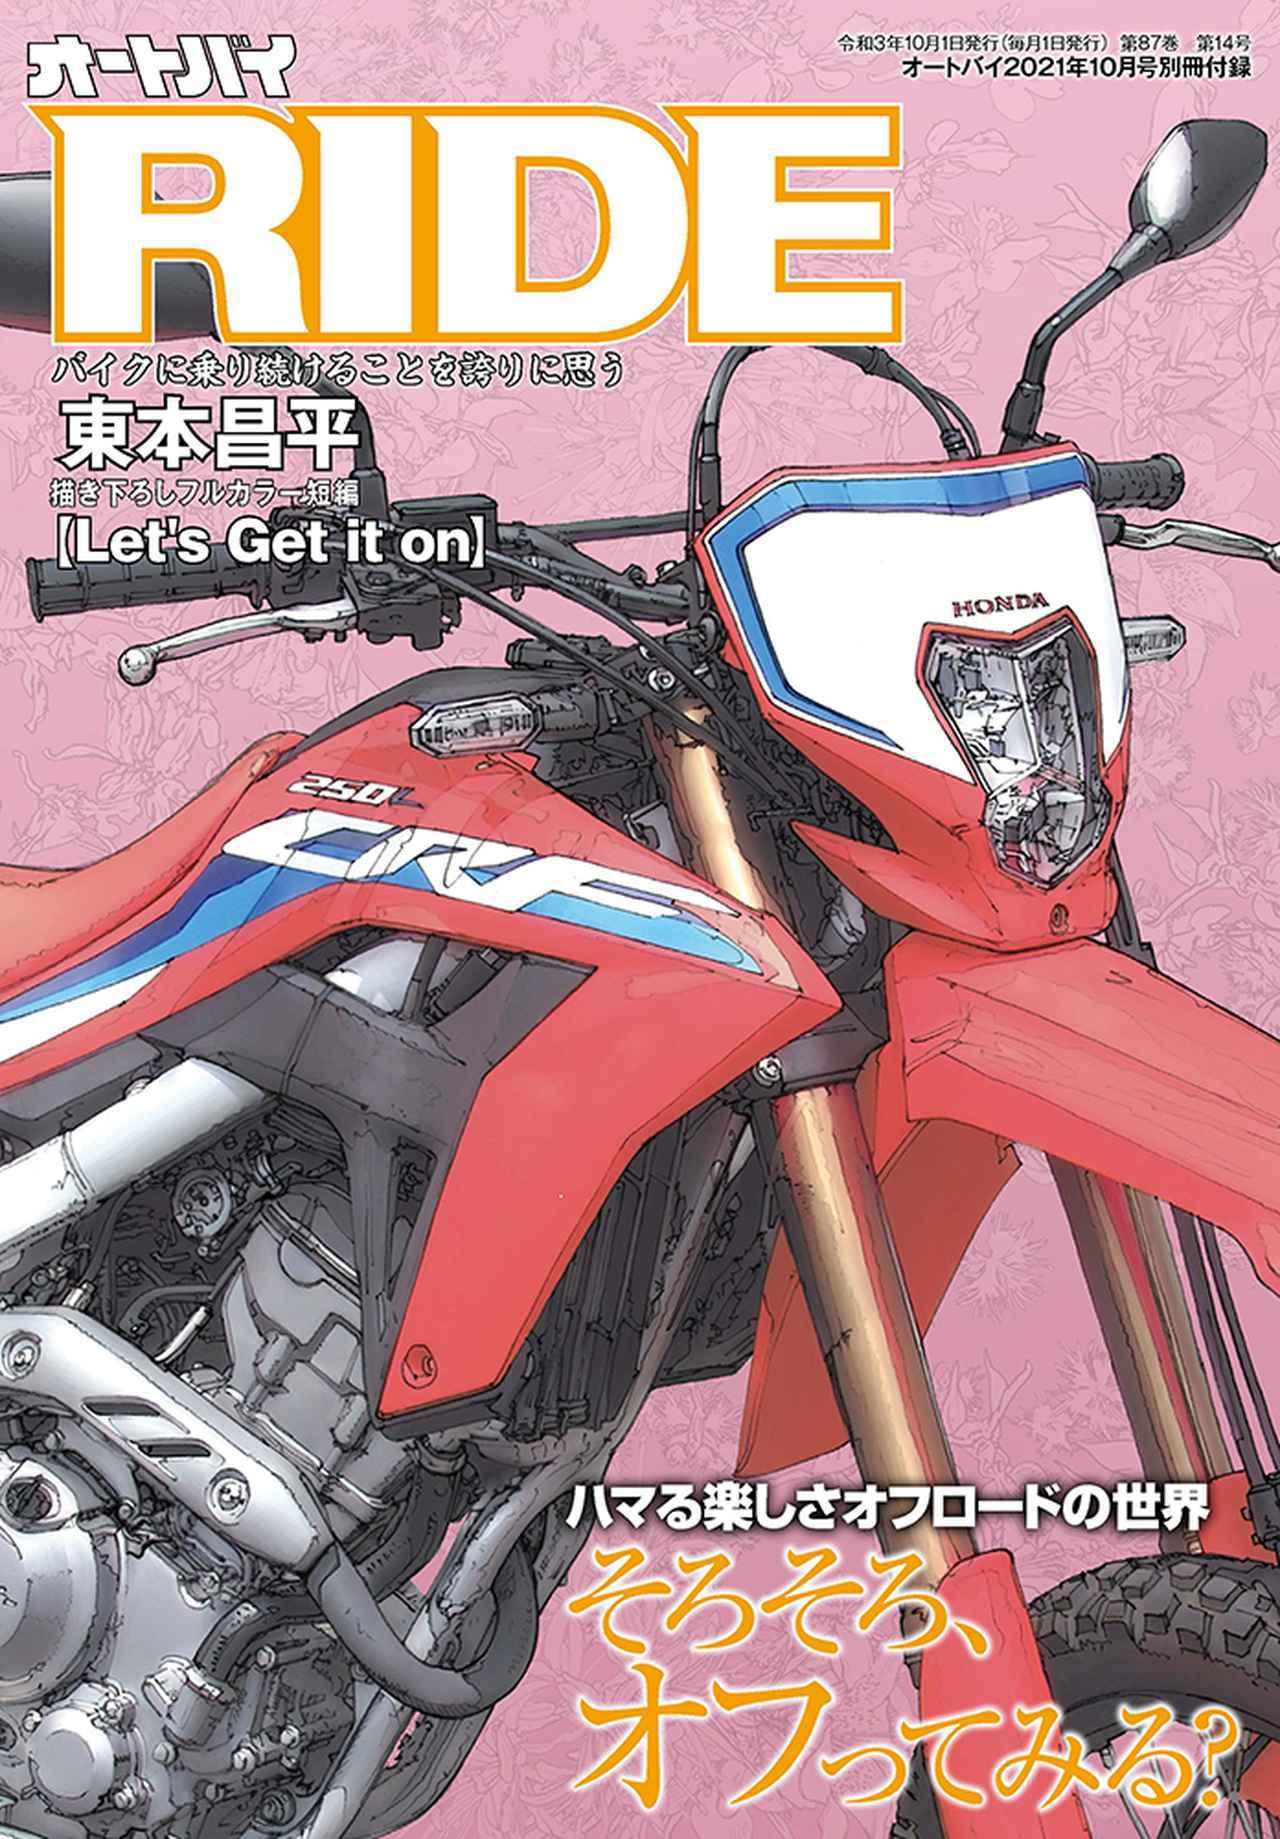 画像: 「オートバイ」2021年10月号は9月1日発売。 - 株式会社モーターマガジン社